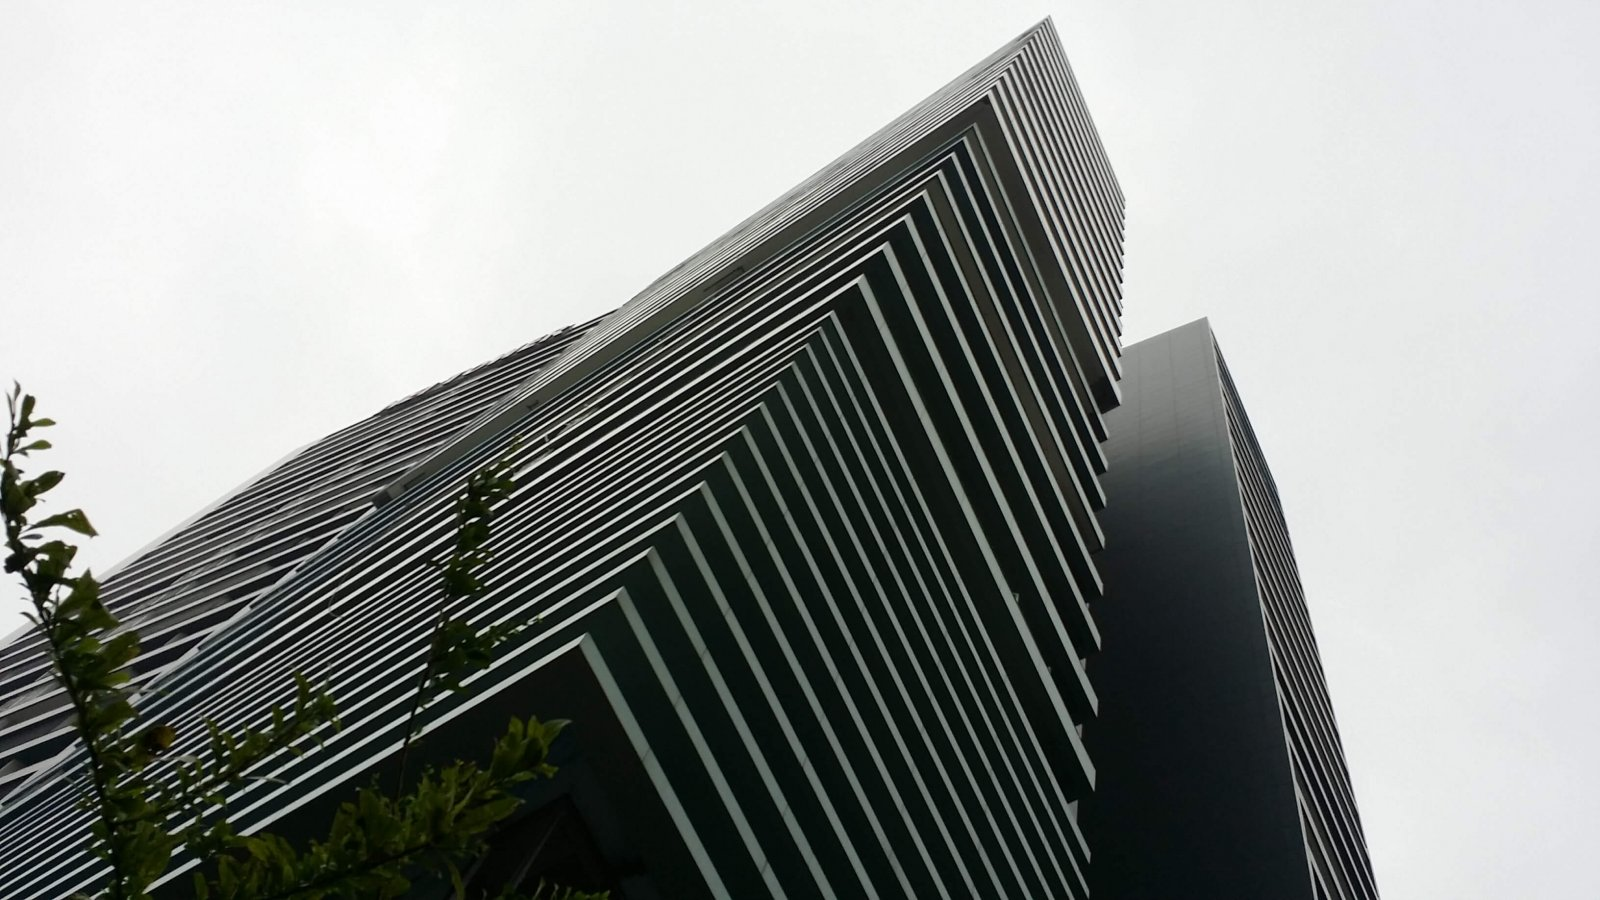 Hei tower facade design